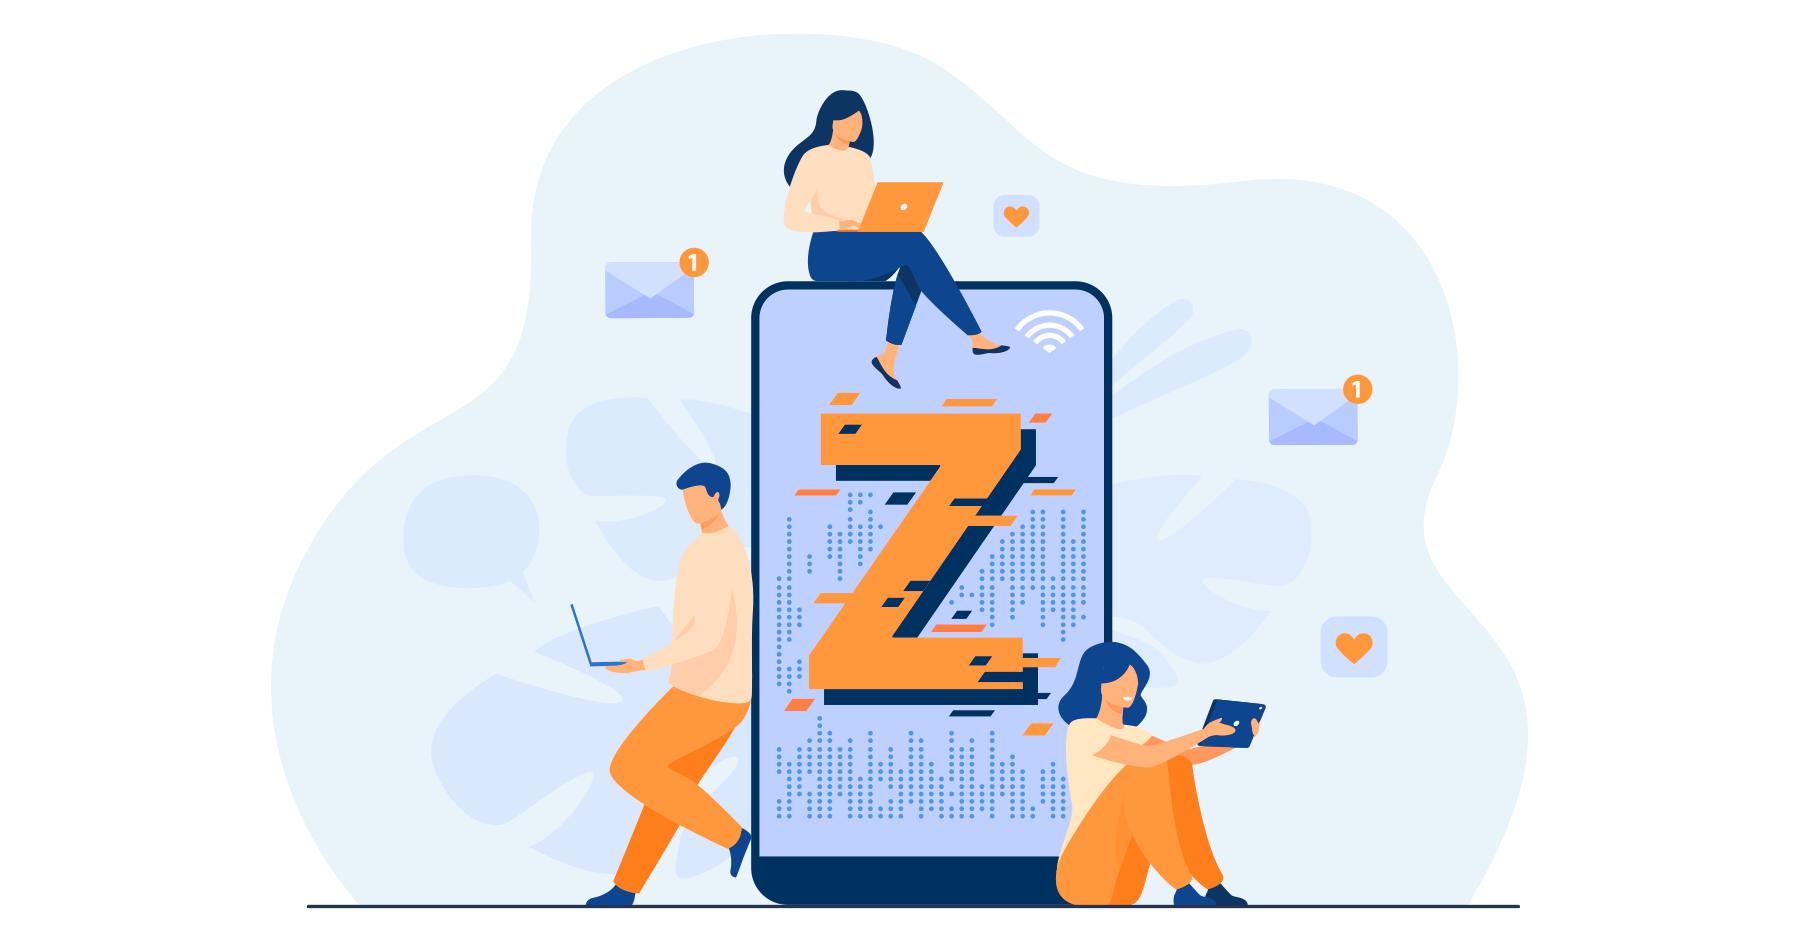 Hábitos de consumo de la Generación Z que debes considerar en tu estrategia digital